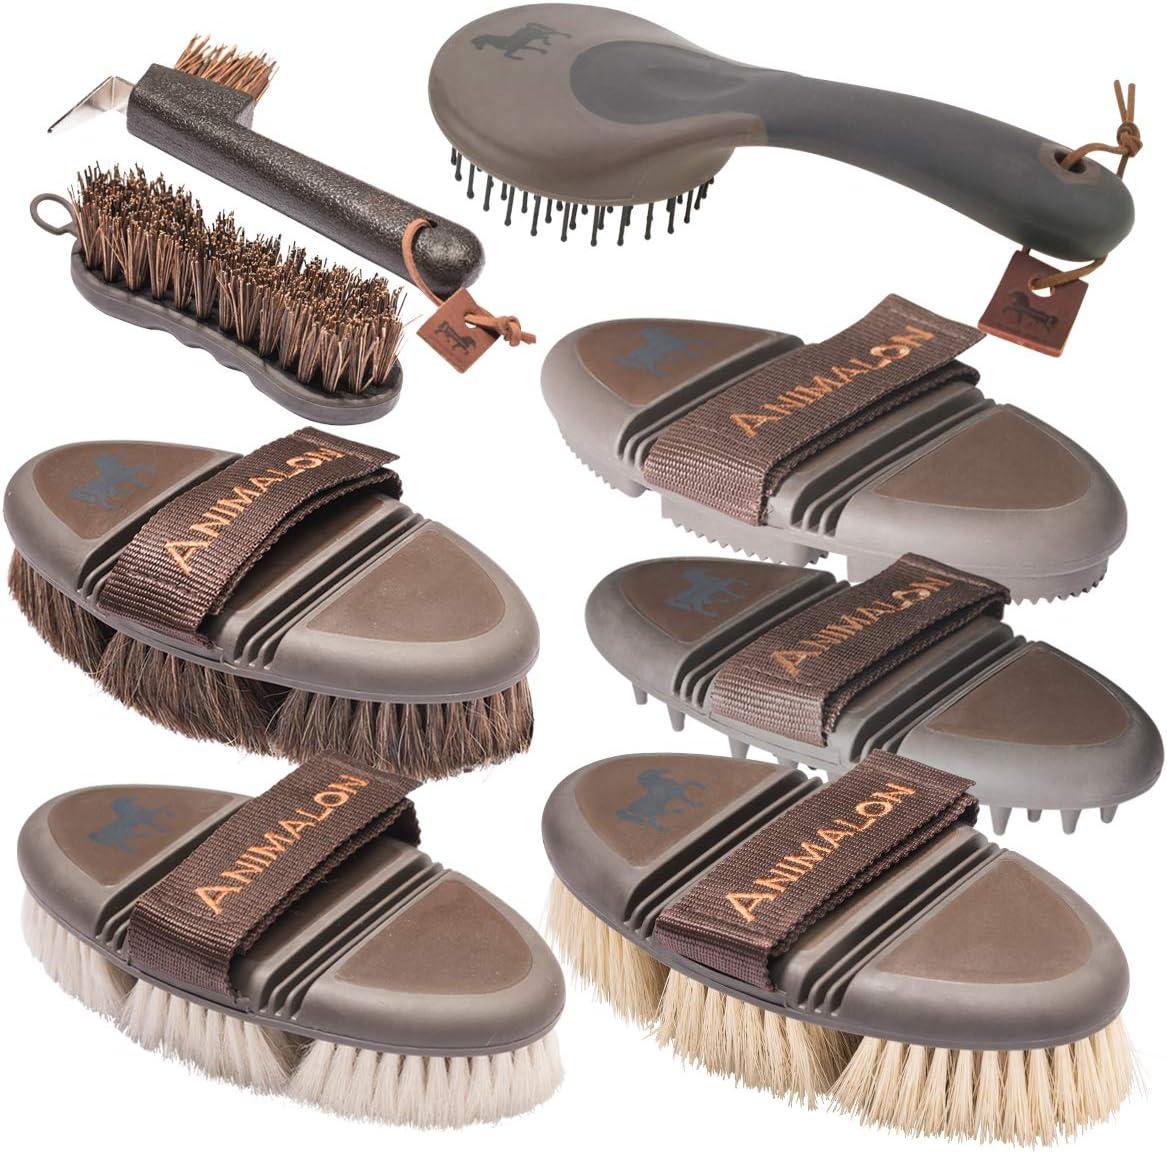 Animalon Deluxe Set | Cepillos de caballo en un set | palo de caballo, rascador de cascos, cepillo de pelo de caballo, cepillo para brillar, cepillo de aseo | Profesional de aseo Perde